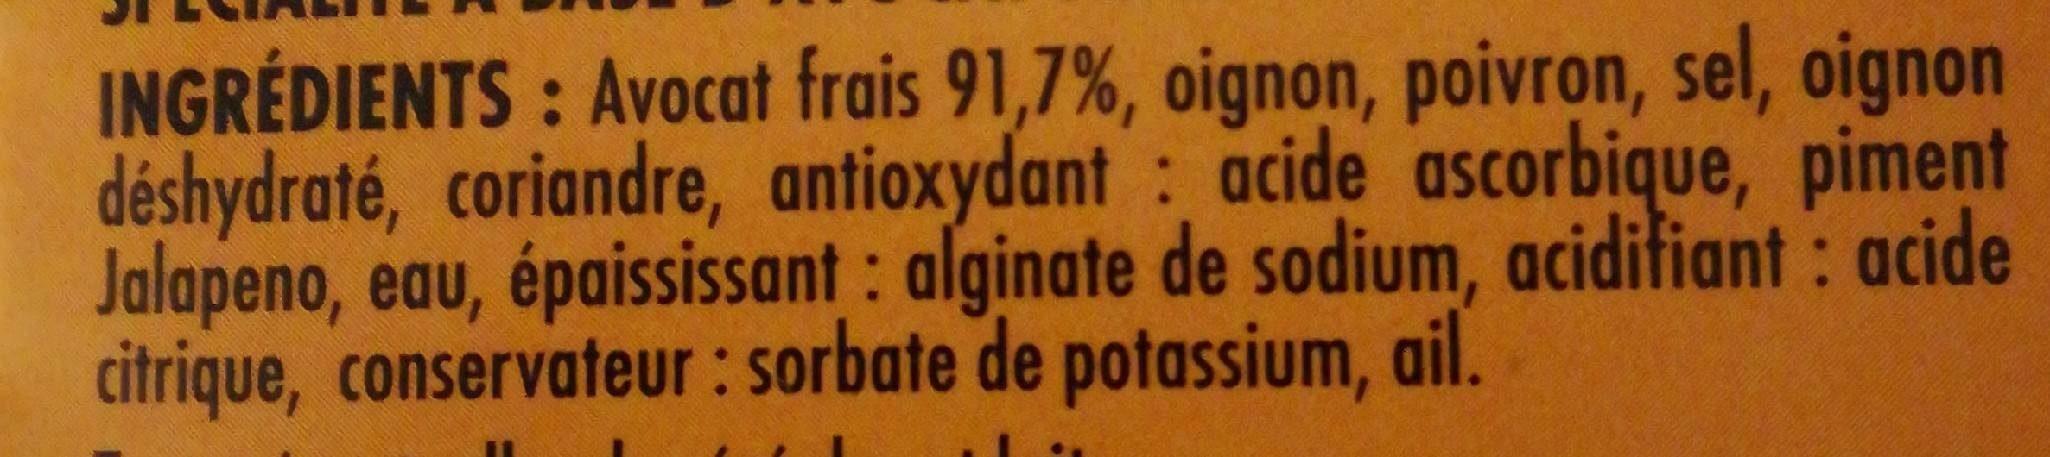 Guacamole avocat frais - Ingredients - fr